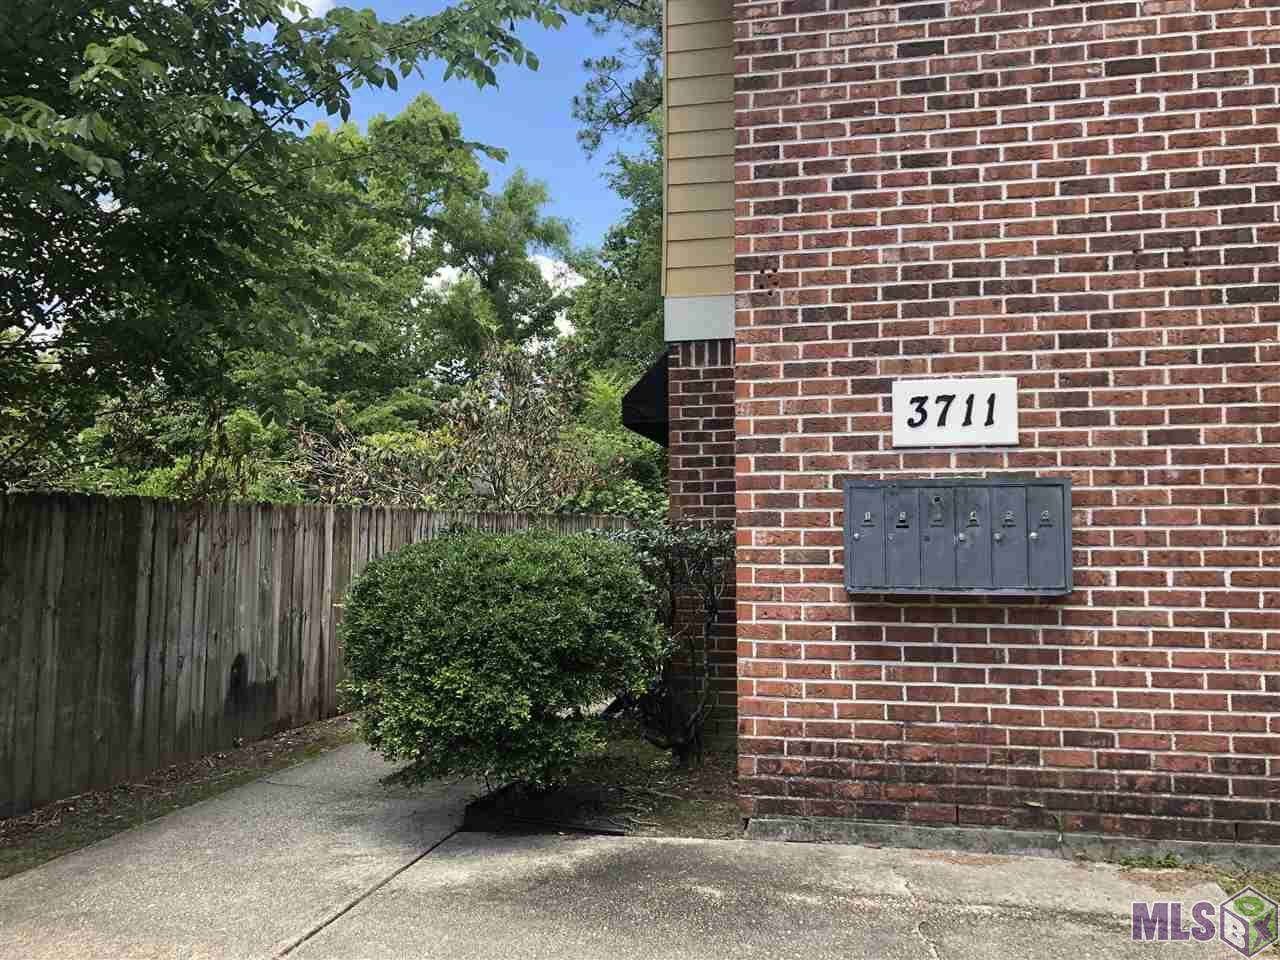 3711 Cole Dr - Photo 1